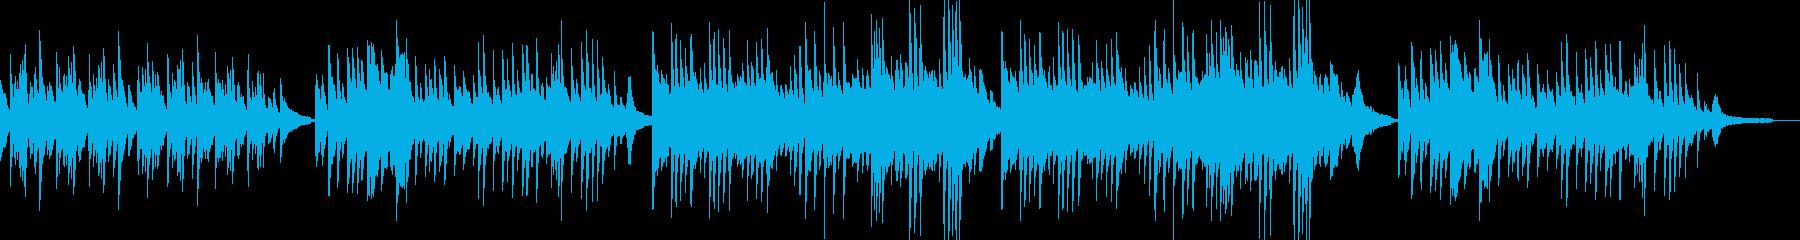 マイナー調のピアノバラードの再生済みの波形